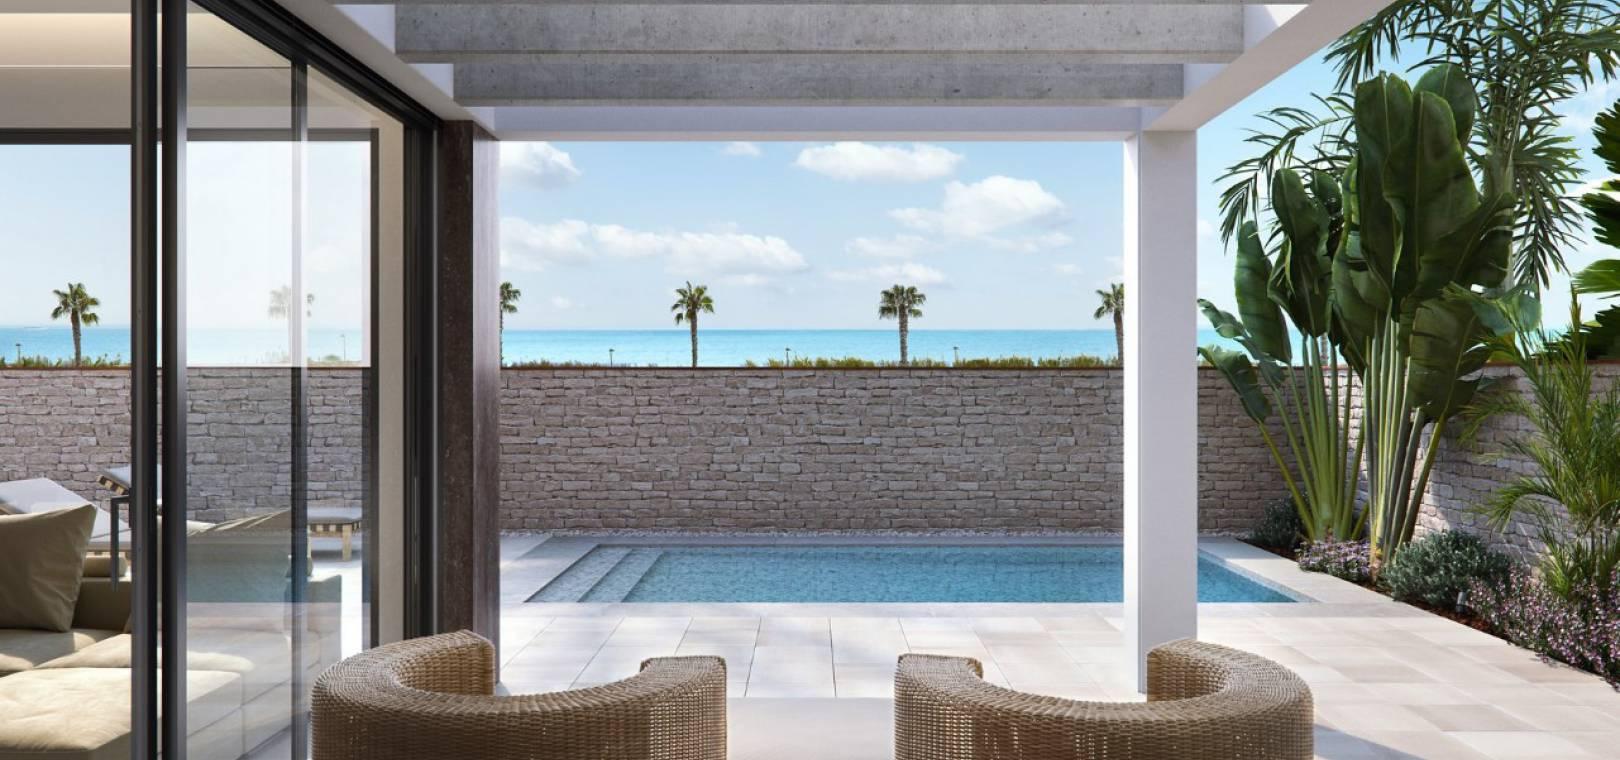 Torre_de_la_Horadada_New_Build_Luxury_Villas_For_Sale_nsp257_3